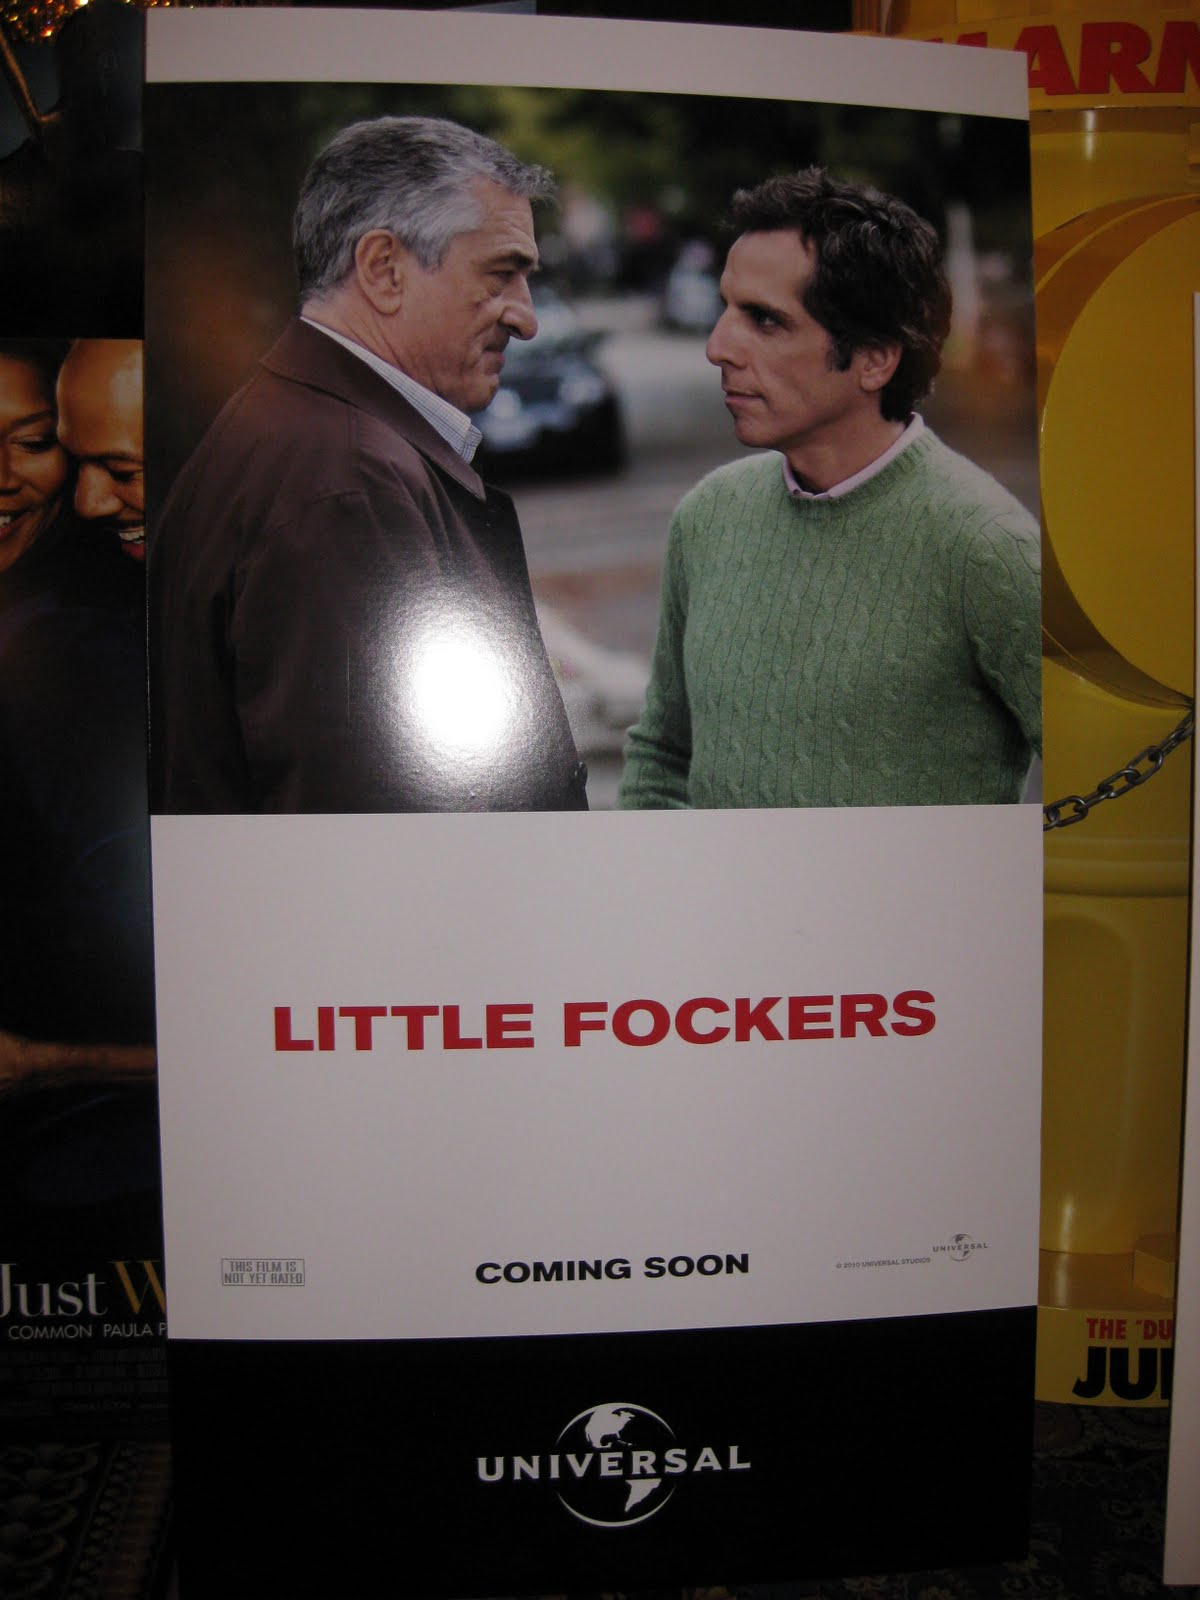 http://3.bp.blogspot.com/_Yzrt7x2PGSU/TCpzuN4e-TI/AAAAAAAAANI/32EZcWoTY_Y/s1600/little-fockers-movie-poster.jpg